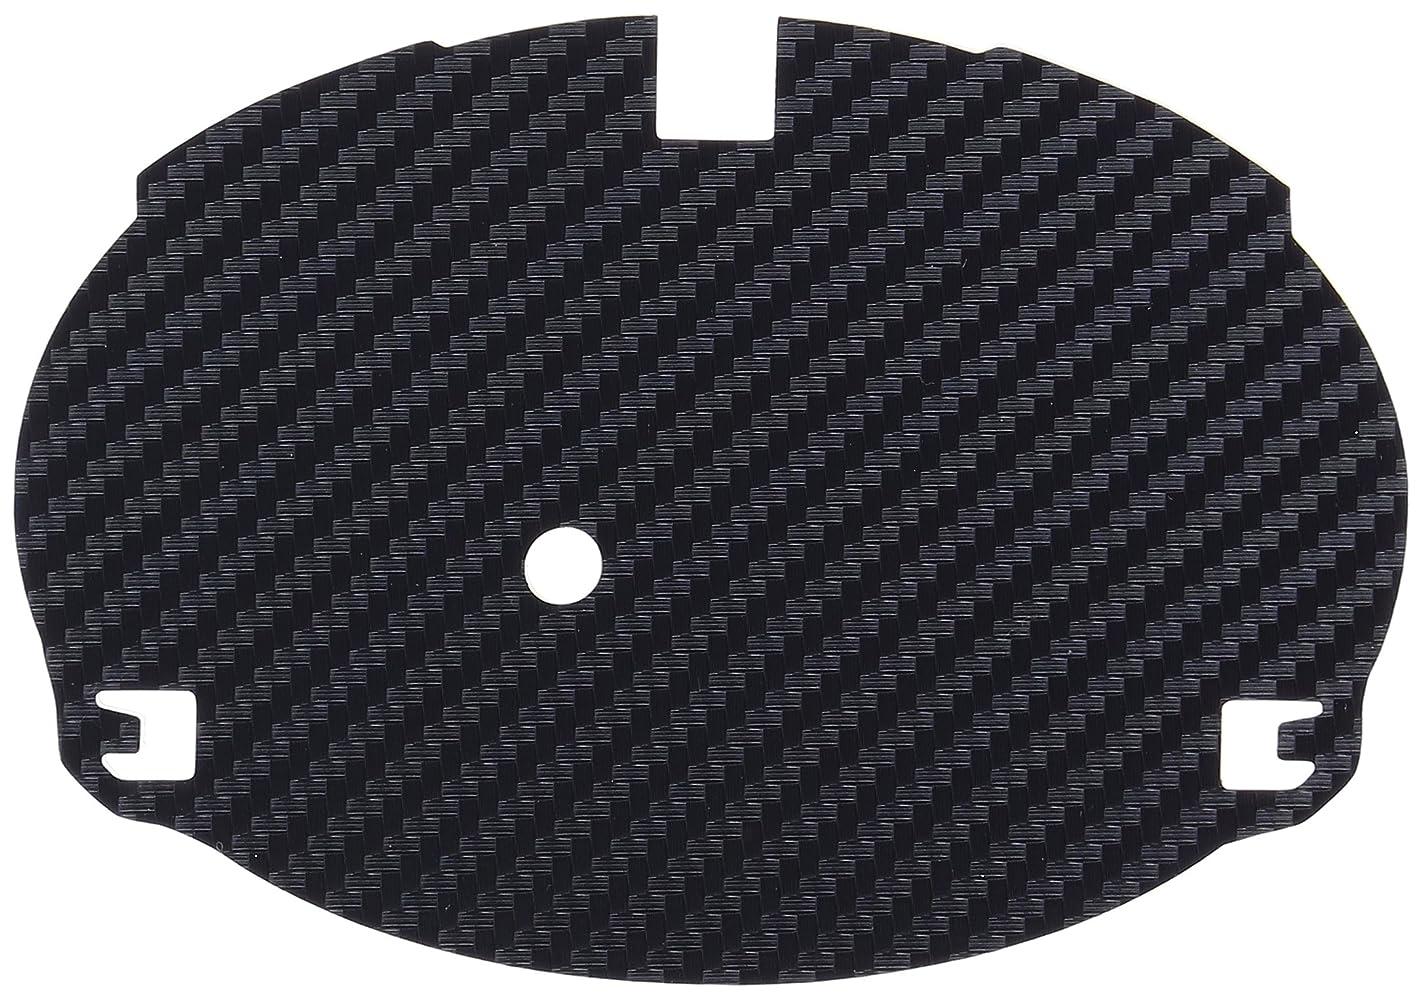 ライブ世論調査勇者トヨタ プリウス30 プリウスα カーボンエンブレムベース ブラック リヤ用